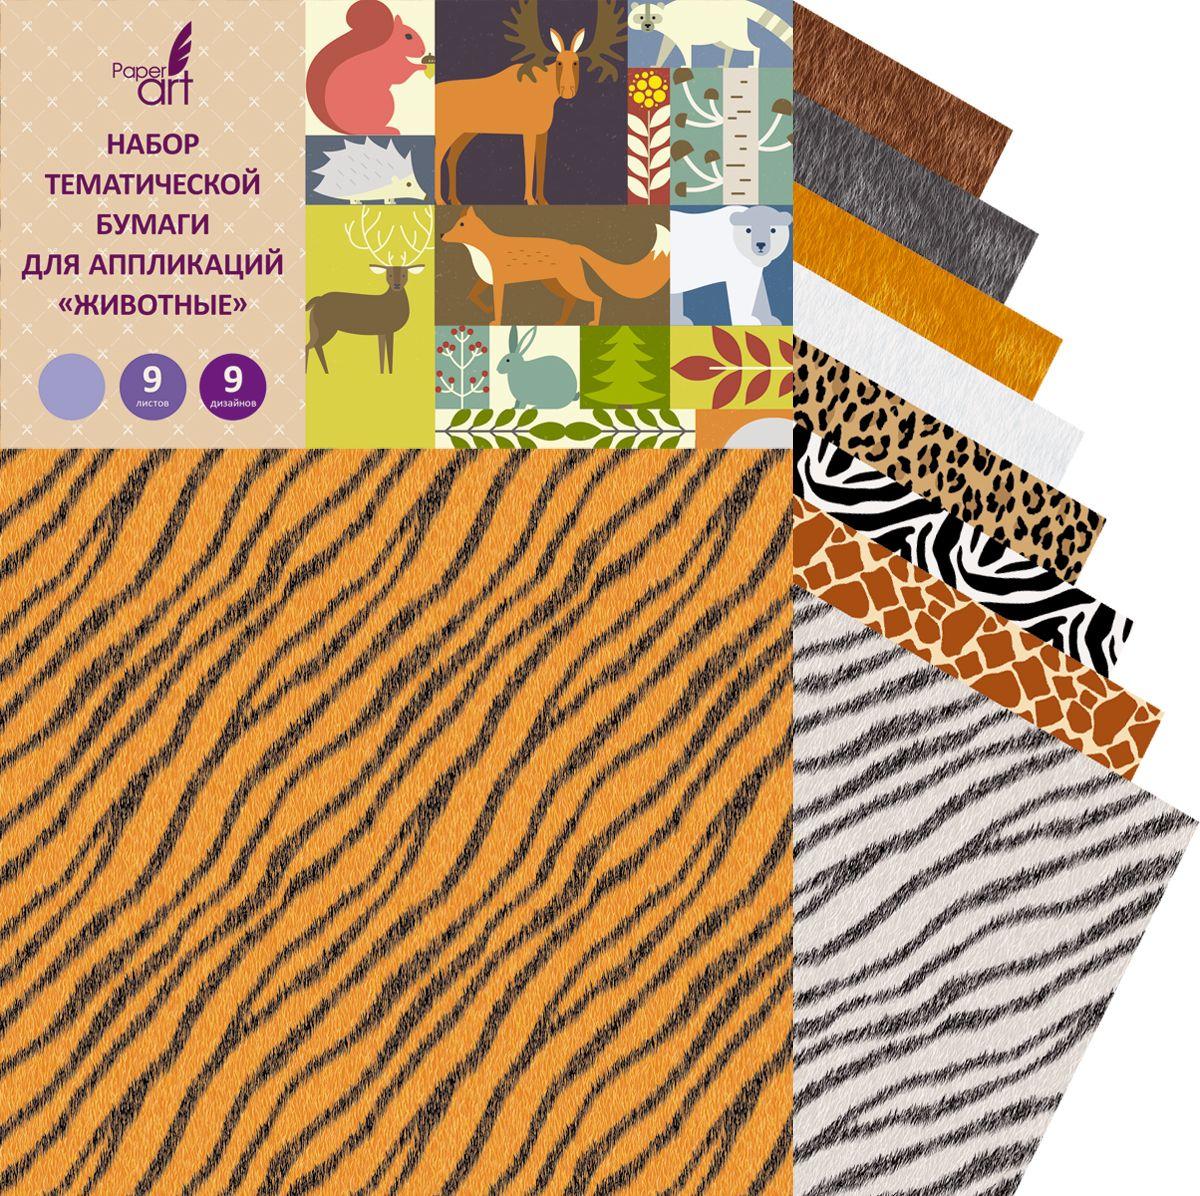 Канц-Эксмо Цветная бумага Paper Art 190 х 290 мм НЦБТ9323НЦБТ9323Тематическая бумага для аппликац. 115 гр/м. 9л.9диз. Формат 190х290мм. Paper Art.